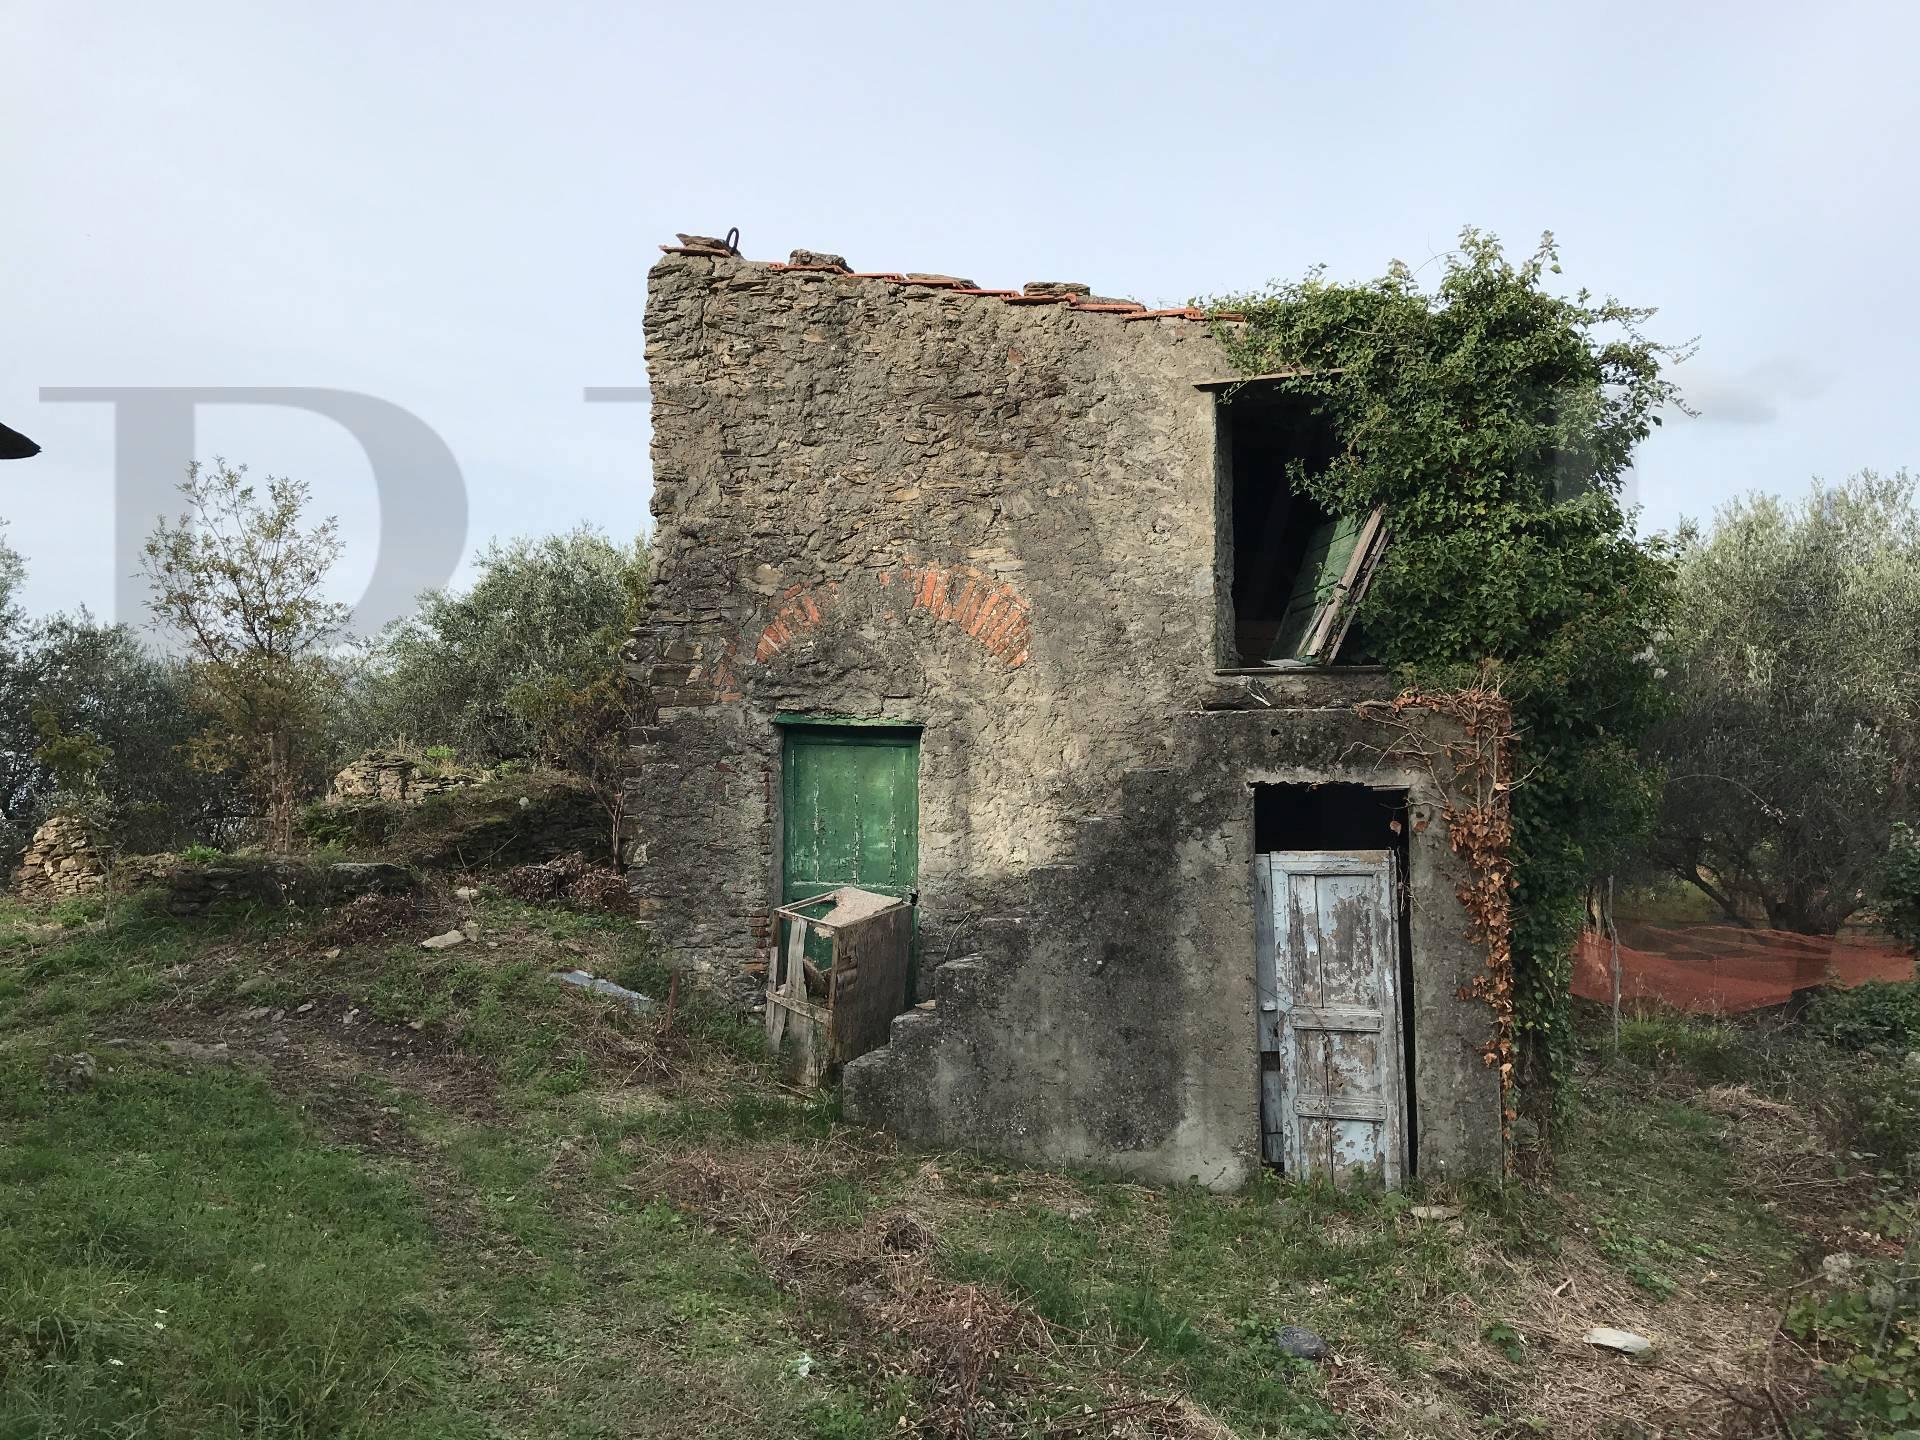 Terreno Agricolo in vendita a Moneglia, 9999 locali, prezzo € 110.000 | CambioCasa.it